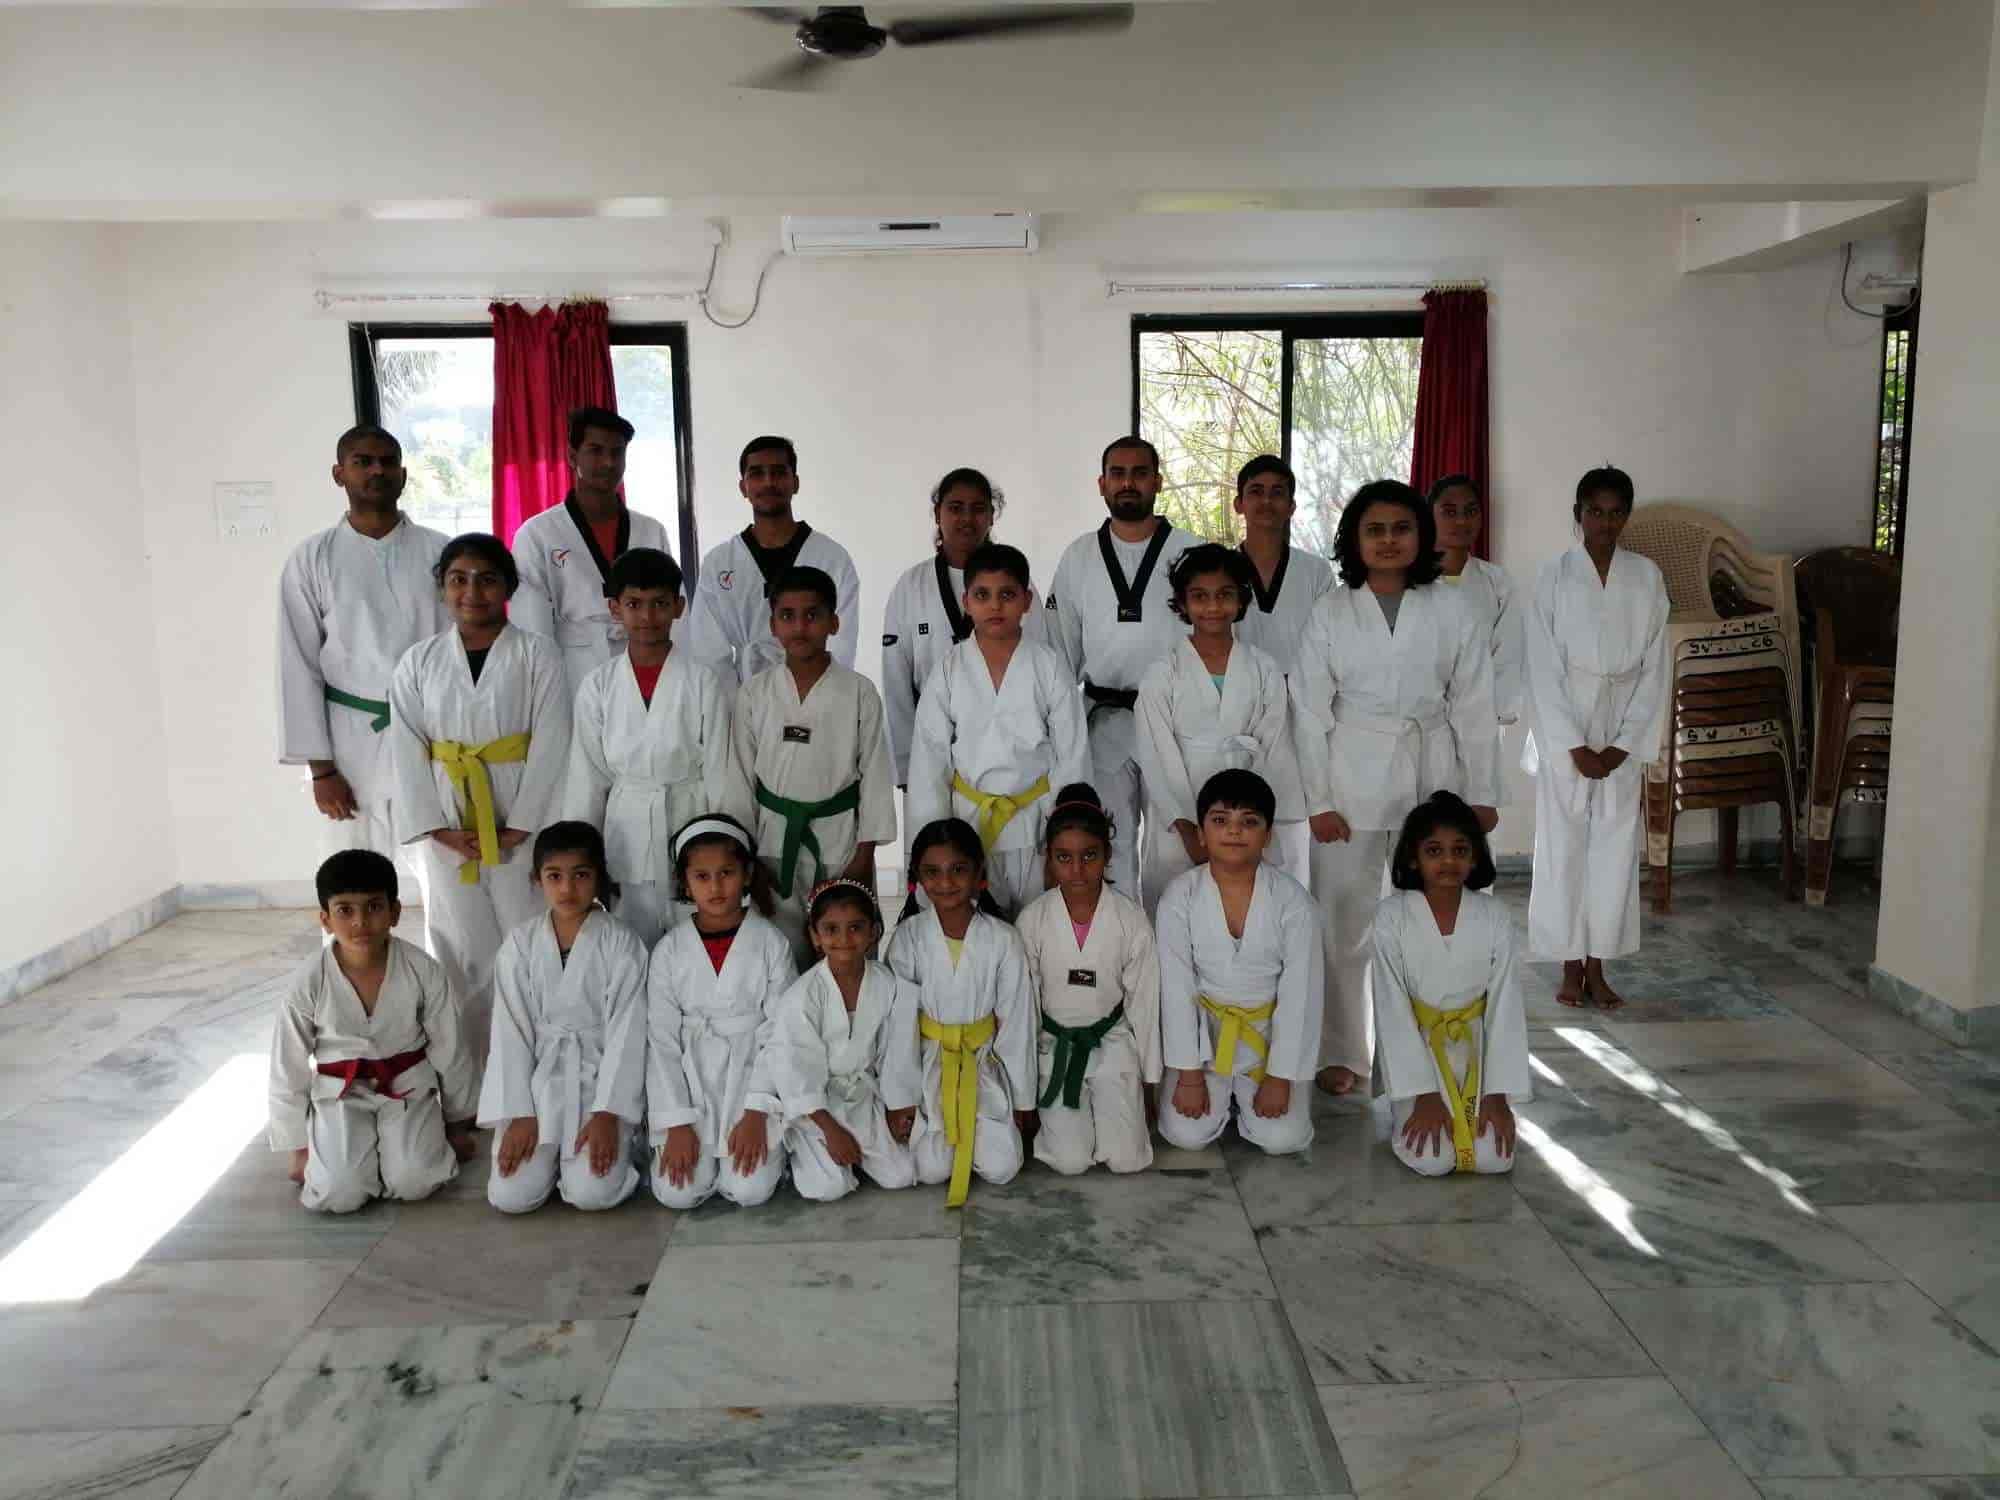 Vishal Taekwondo Academy, Cbd Belapur Sector 15 - Karate